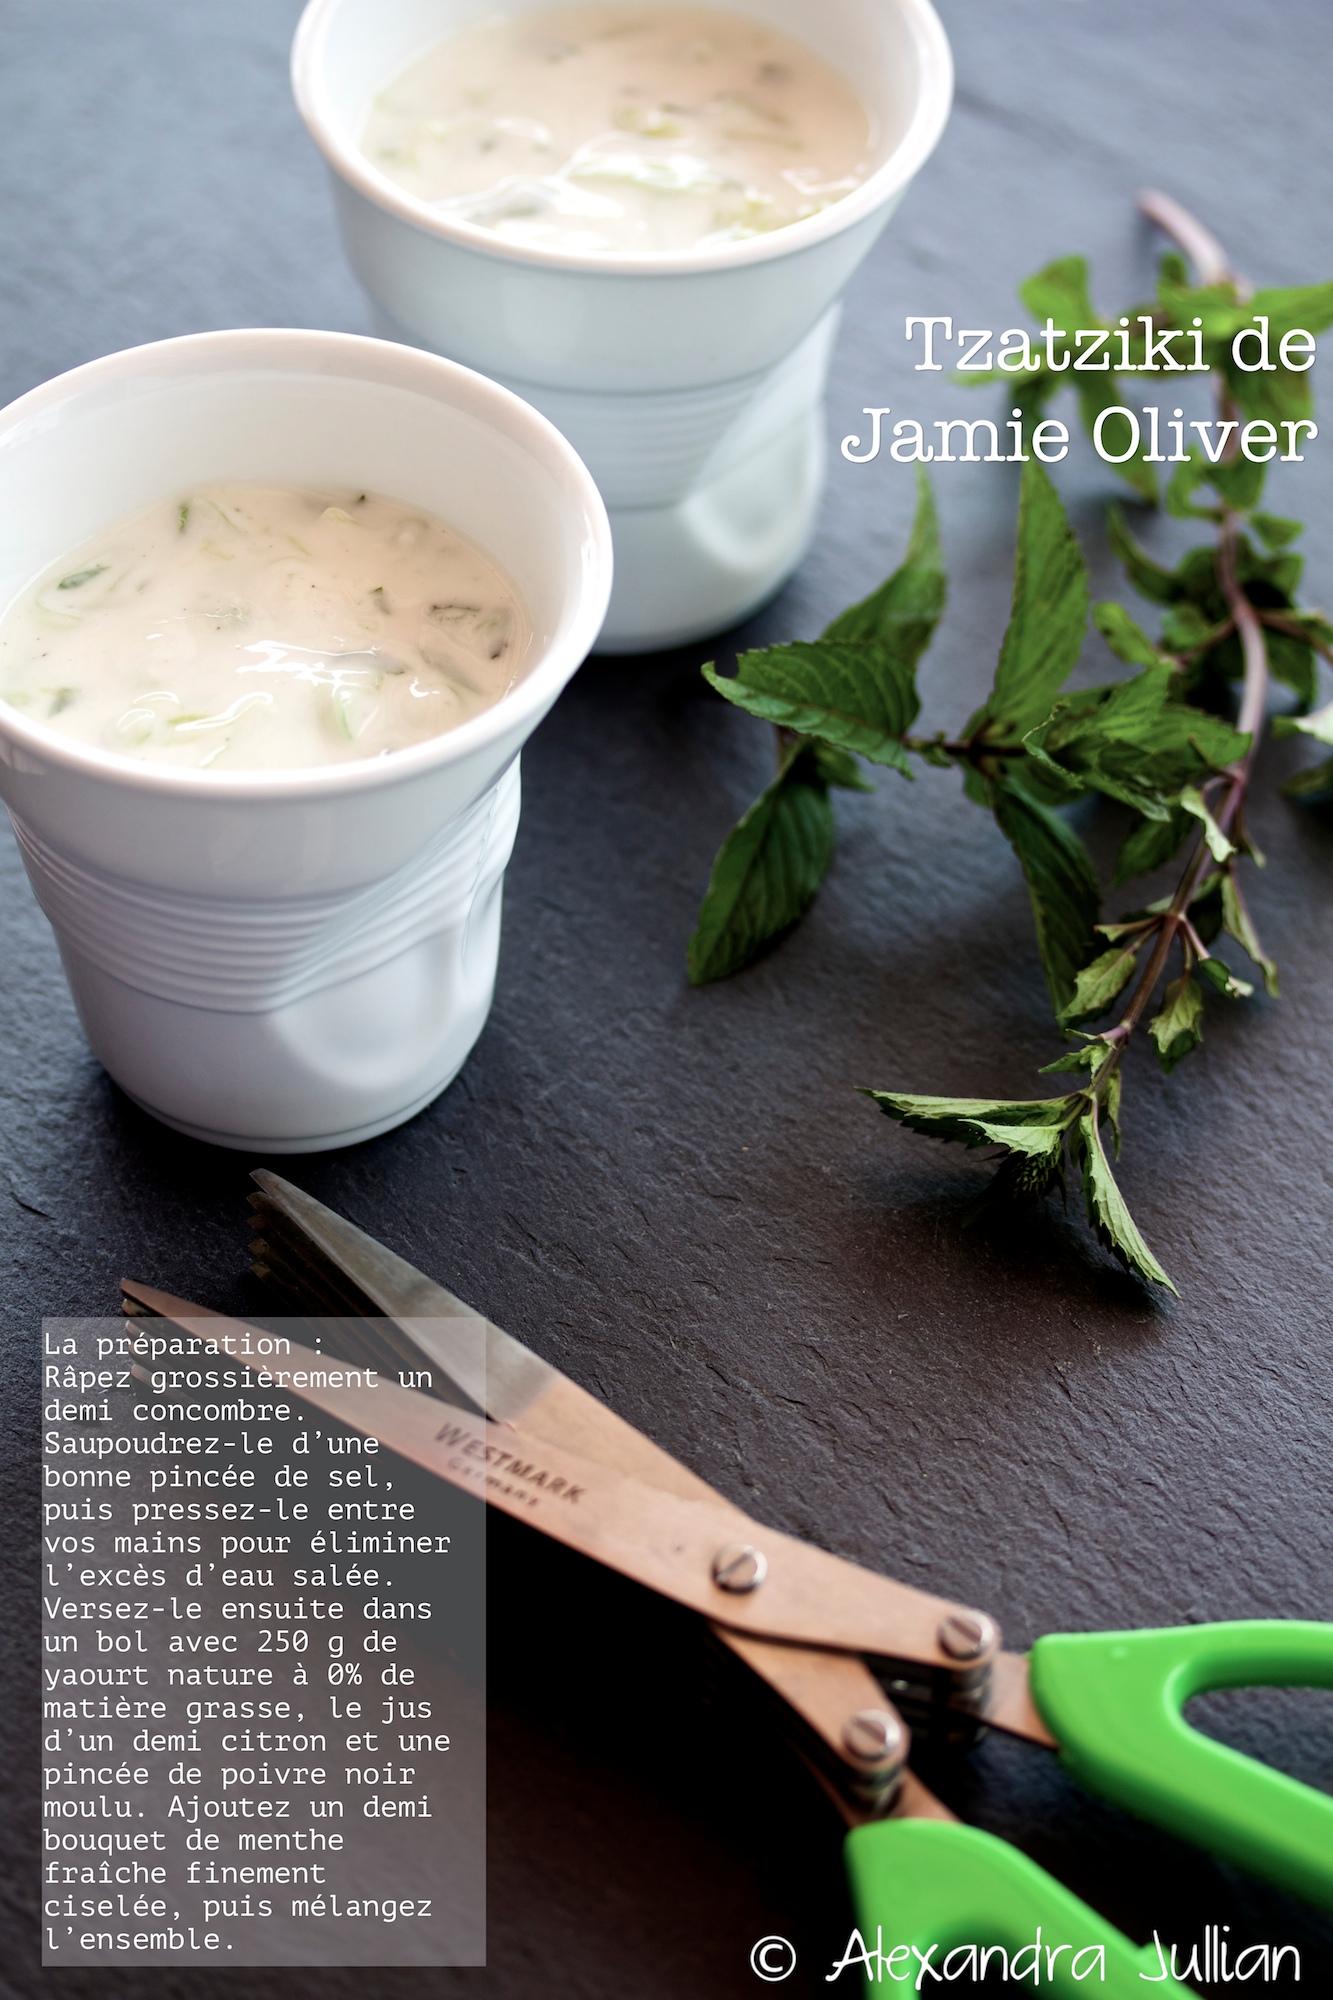 tzatziki de Jamie Oliver